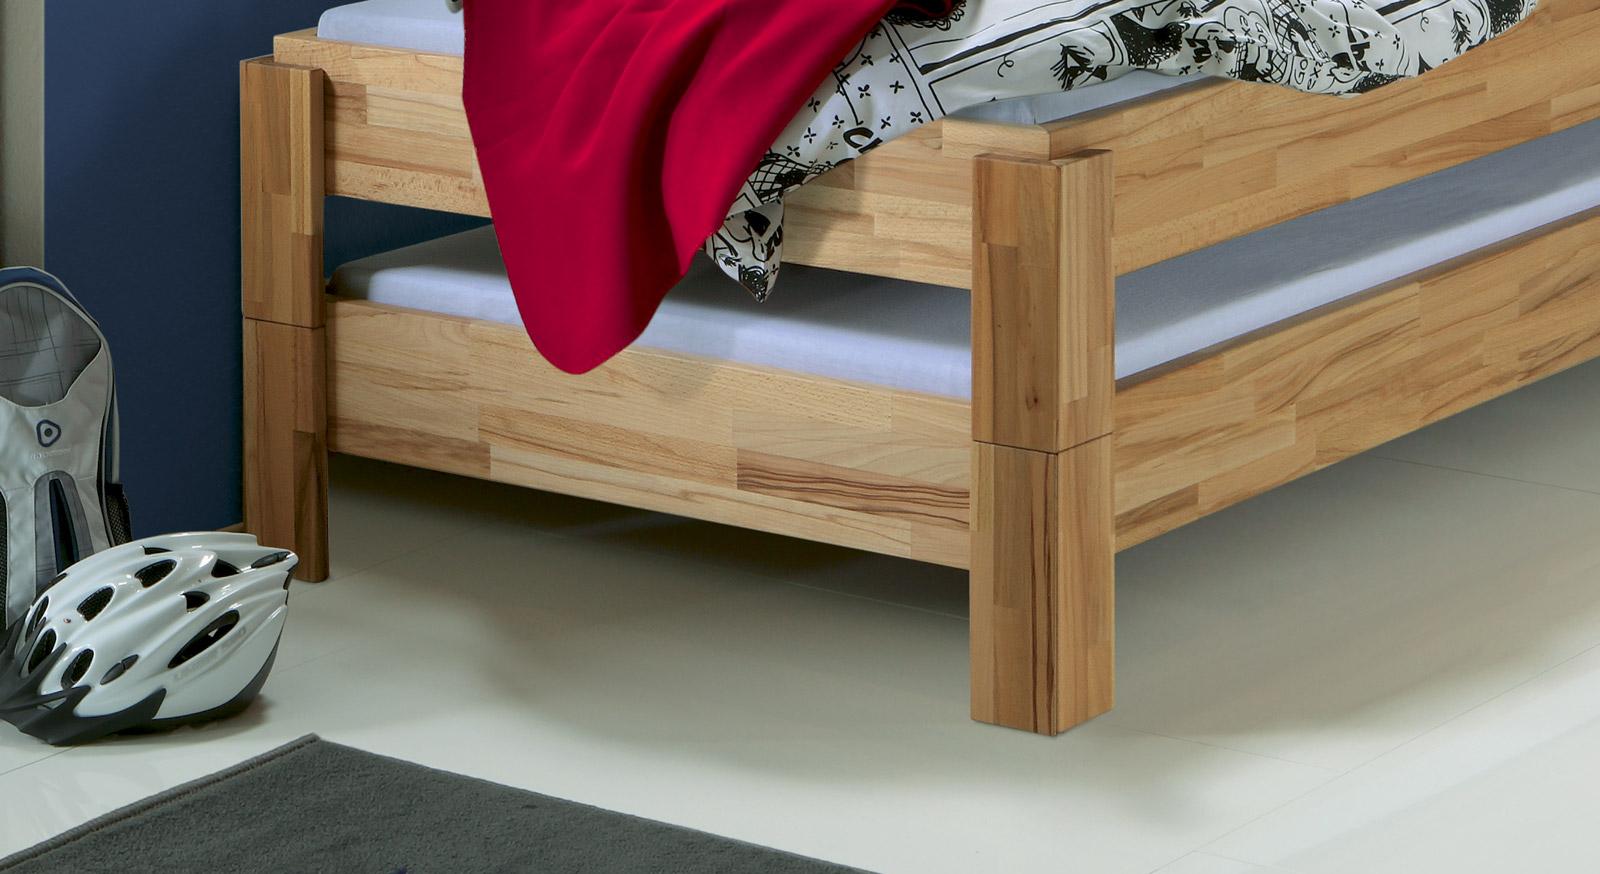 Bett Stapelbar zwei betten gleicher größe stapelbar stapelbett elliot